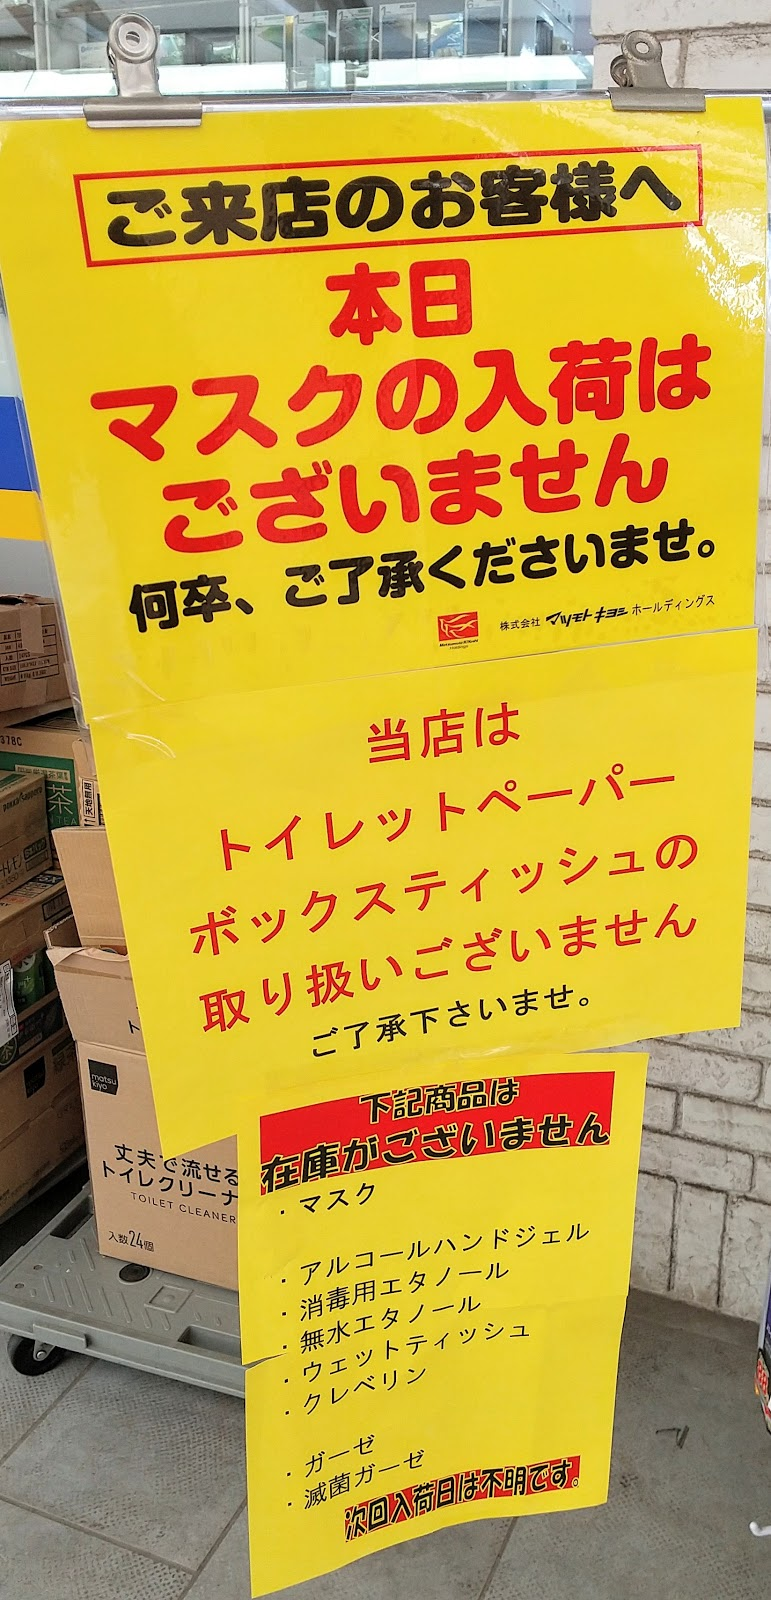 用 エタノール 消毒 マツキヨ